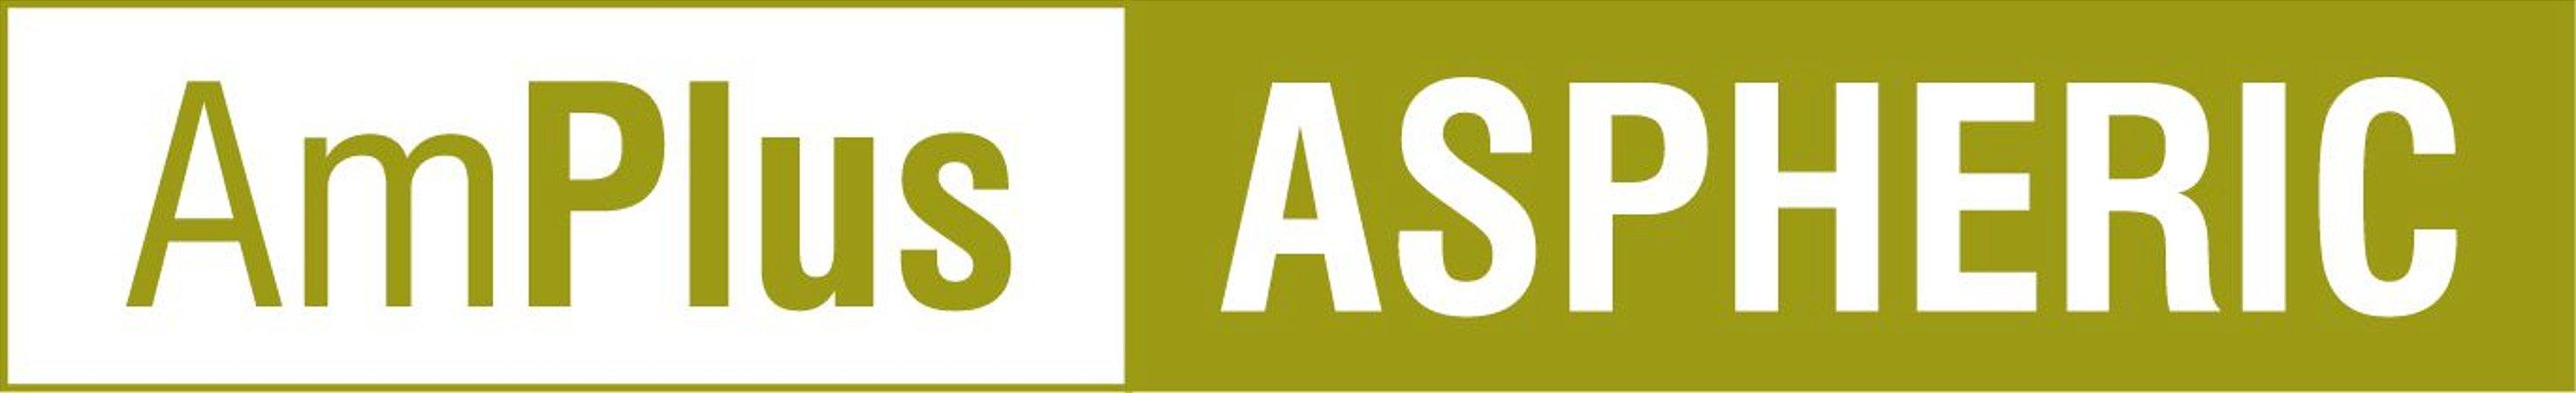 HOYA AMPLUS ASPHERIC | POLI | SENSITY | +6.00 a -10.00; CIL. ATÉ -4.00